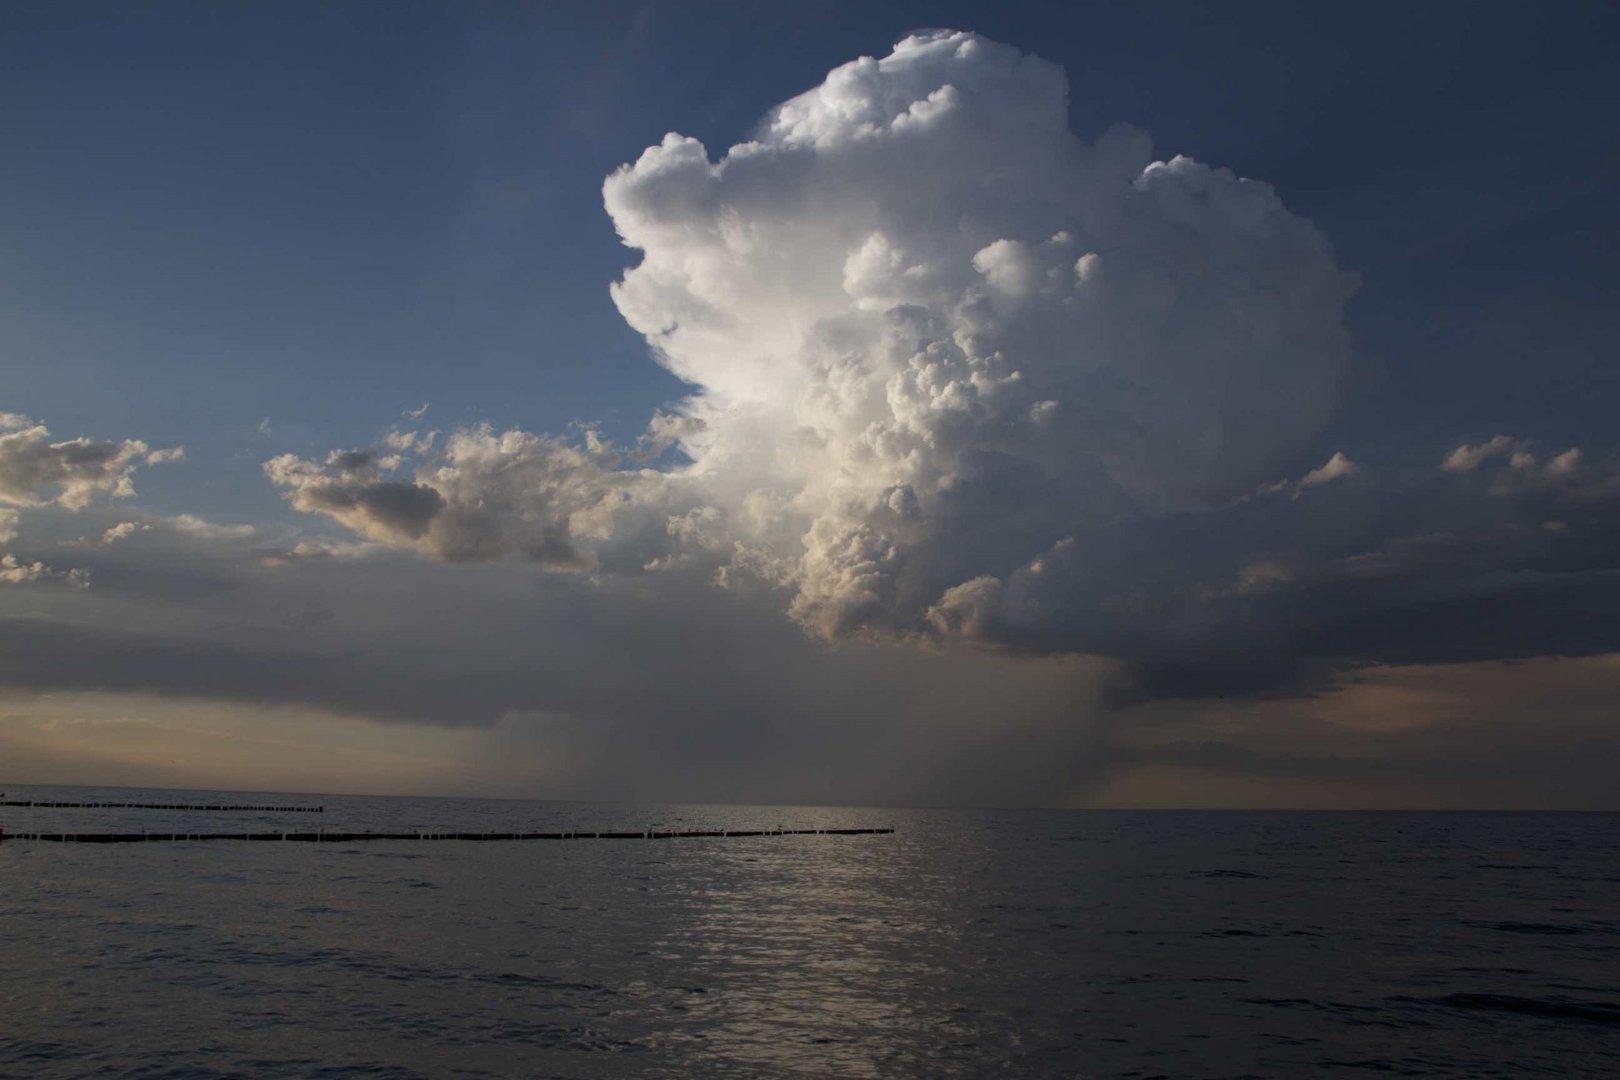 Wolkenmix im Sonnenschein